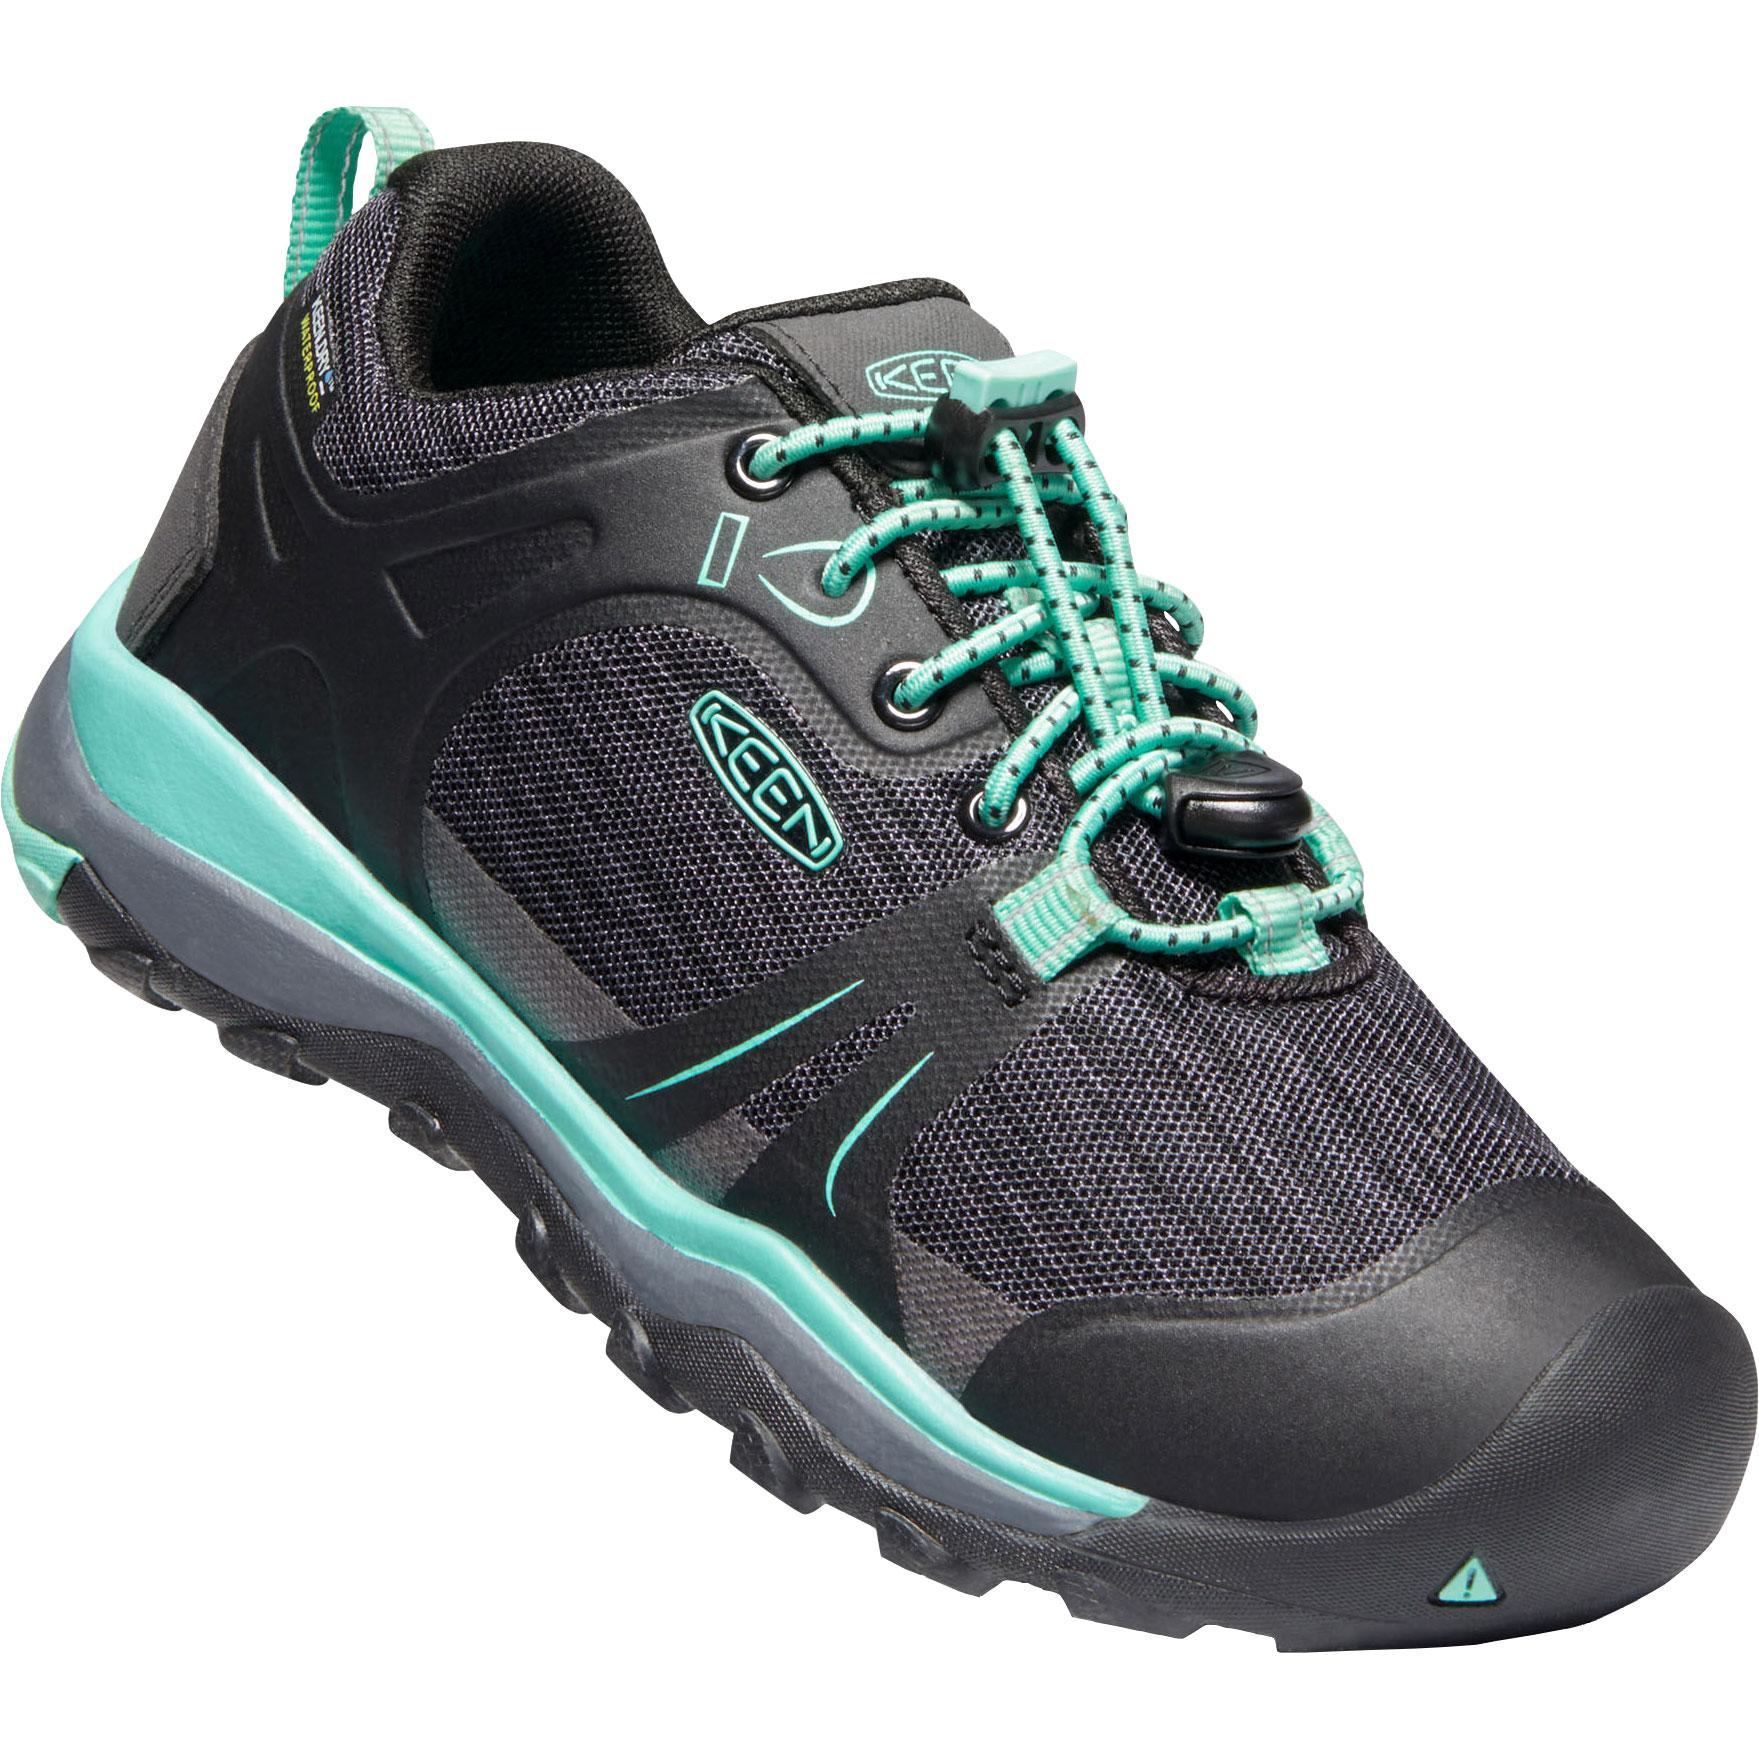 KEEN Terradora II Low Waterproof Youth Shoe - Black / Beveled Glass